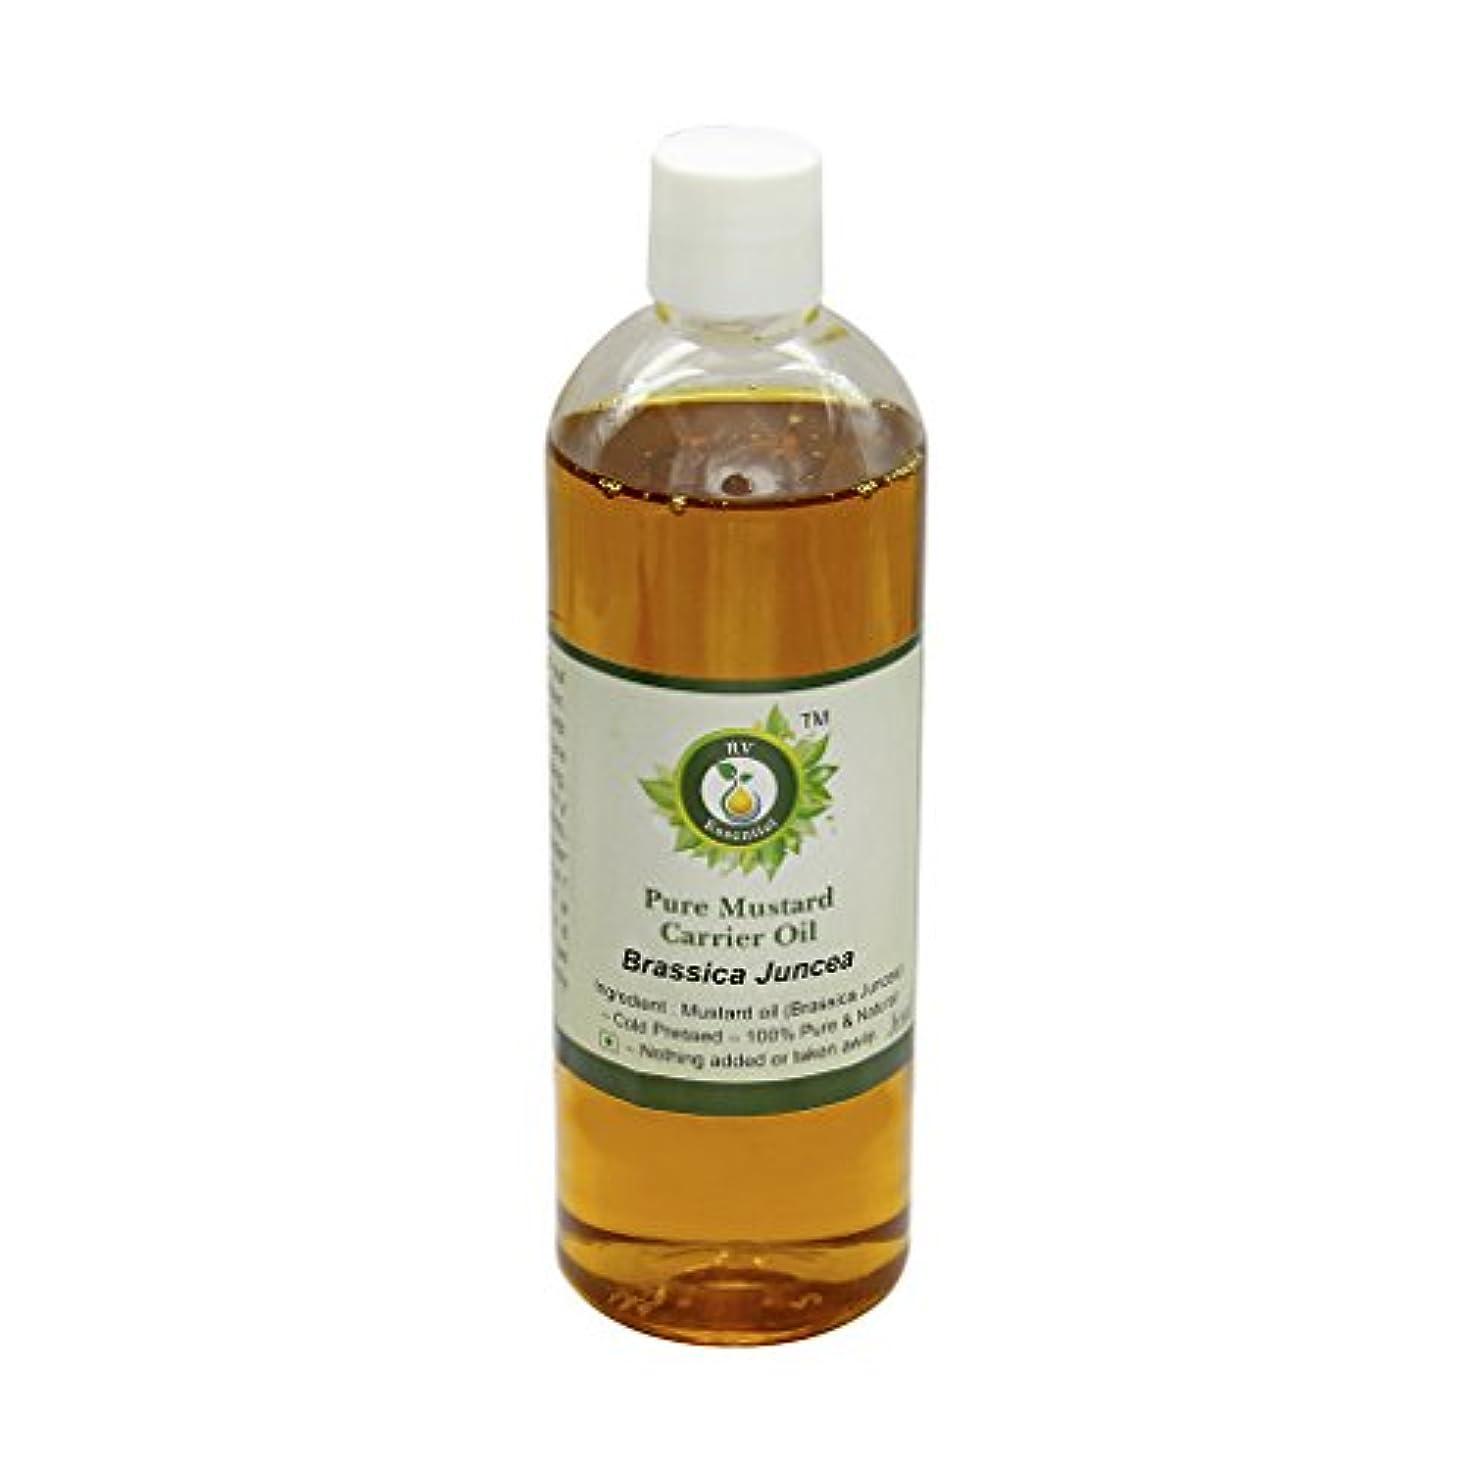 マディソンシプリーなぞらえるR V Essential 純粋なマスタードキャリアオイル100ml (3.38oz)- Brassica Juncea (100%ピュア&ナチュラルコールドPressed) Pure Mustard Carrier Oil